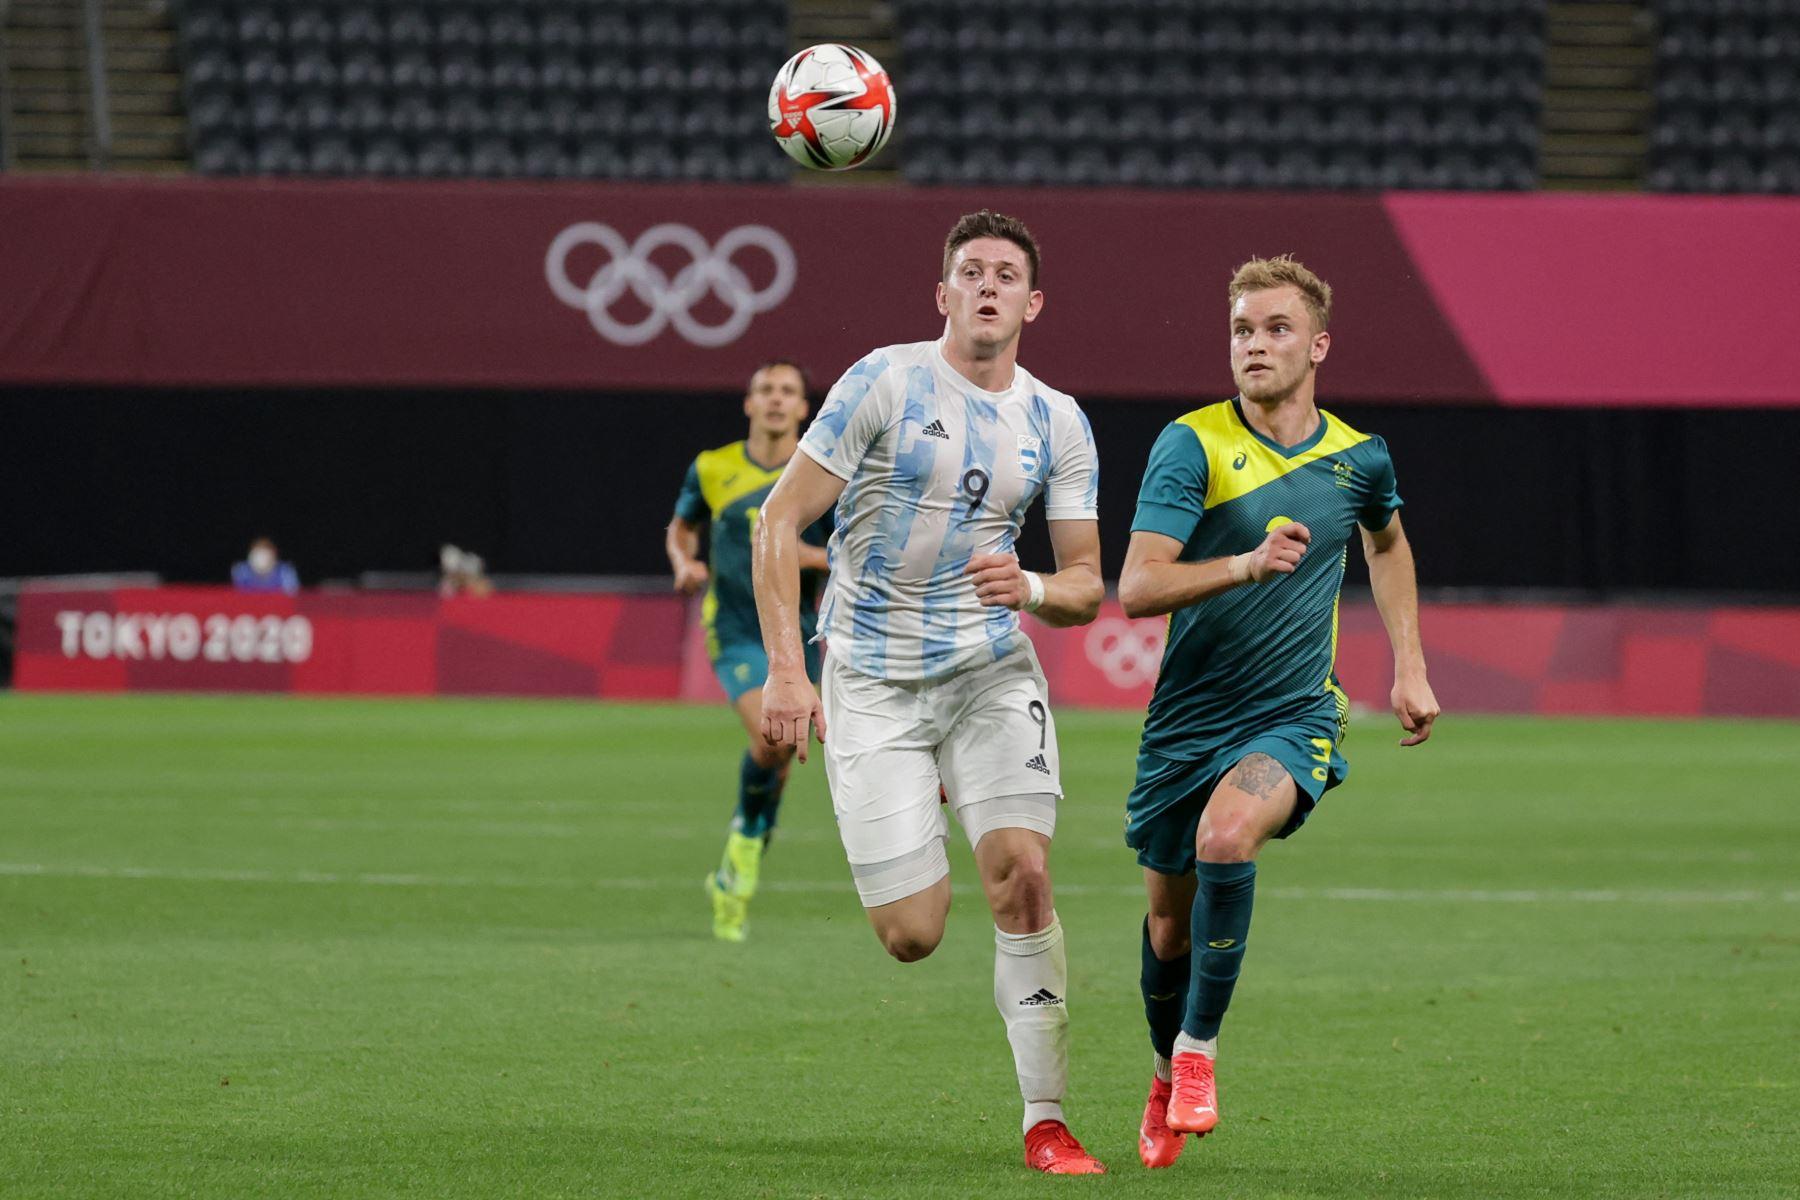 El delantero argentino Adolfo Gaich (C) compite por el balón con el defensor australiano Nathaniel Atkinson durante el partido de fútbol de primera ronda del grupo C masculino de los Juegos Olímpicos de Tokio 2020 entre Argentina y Australia en el Sapporo Dome. Foto: AFP